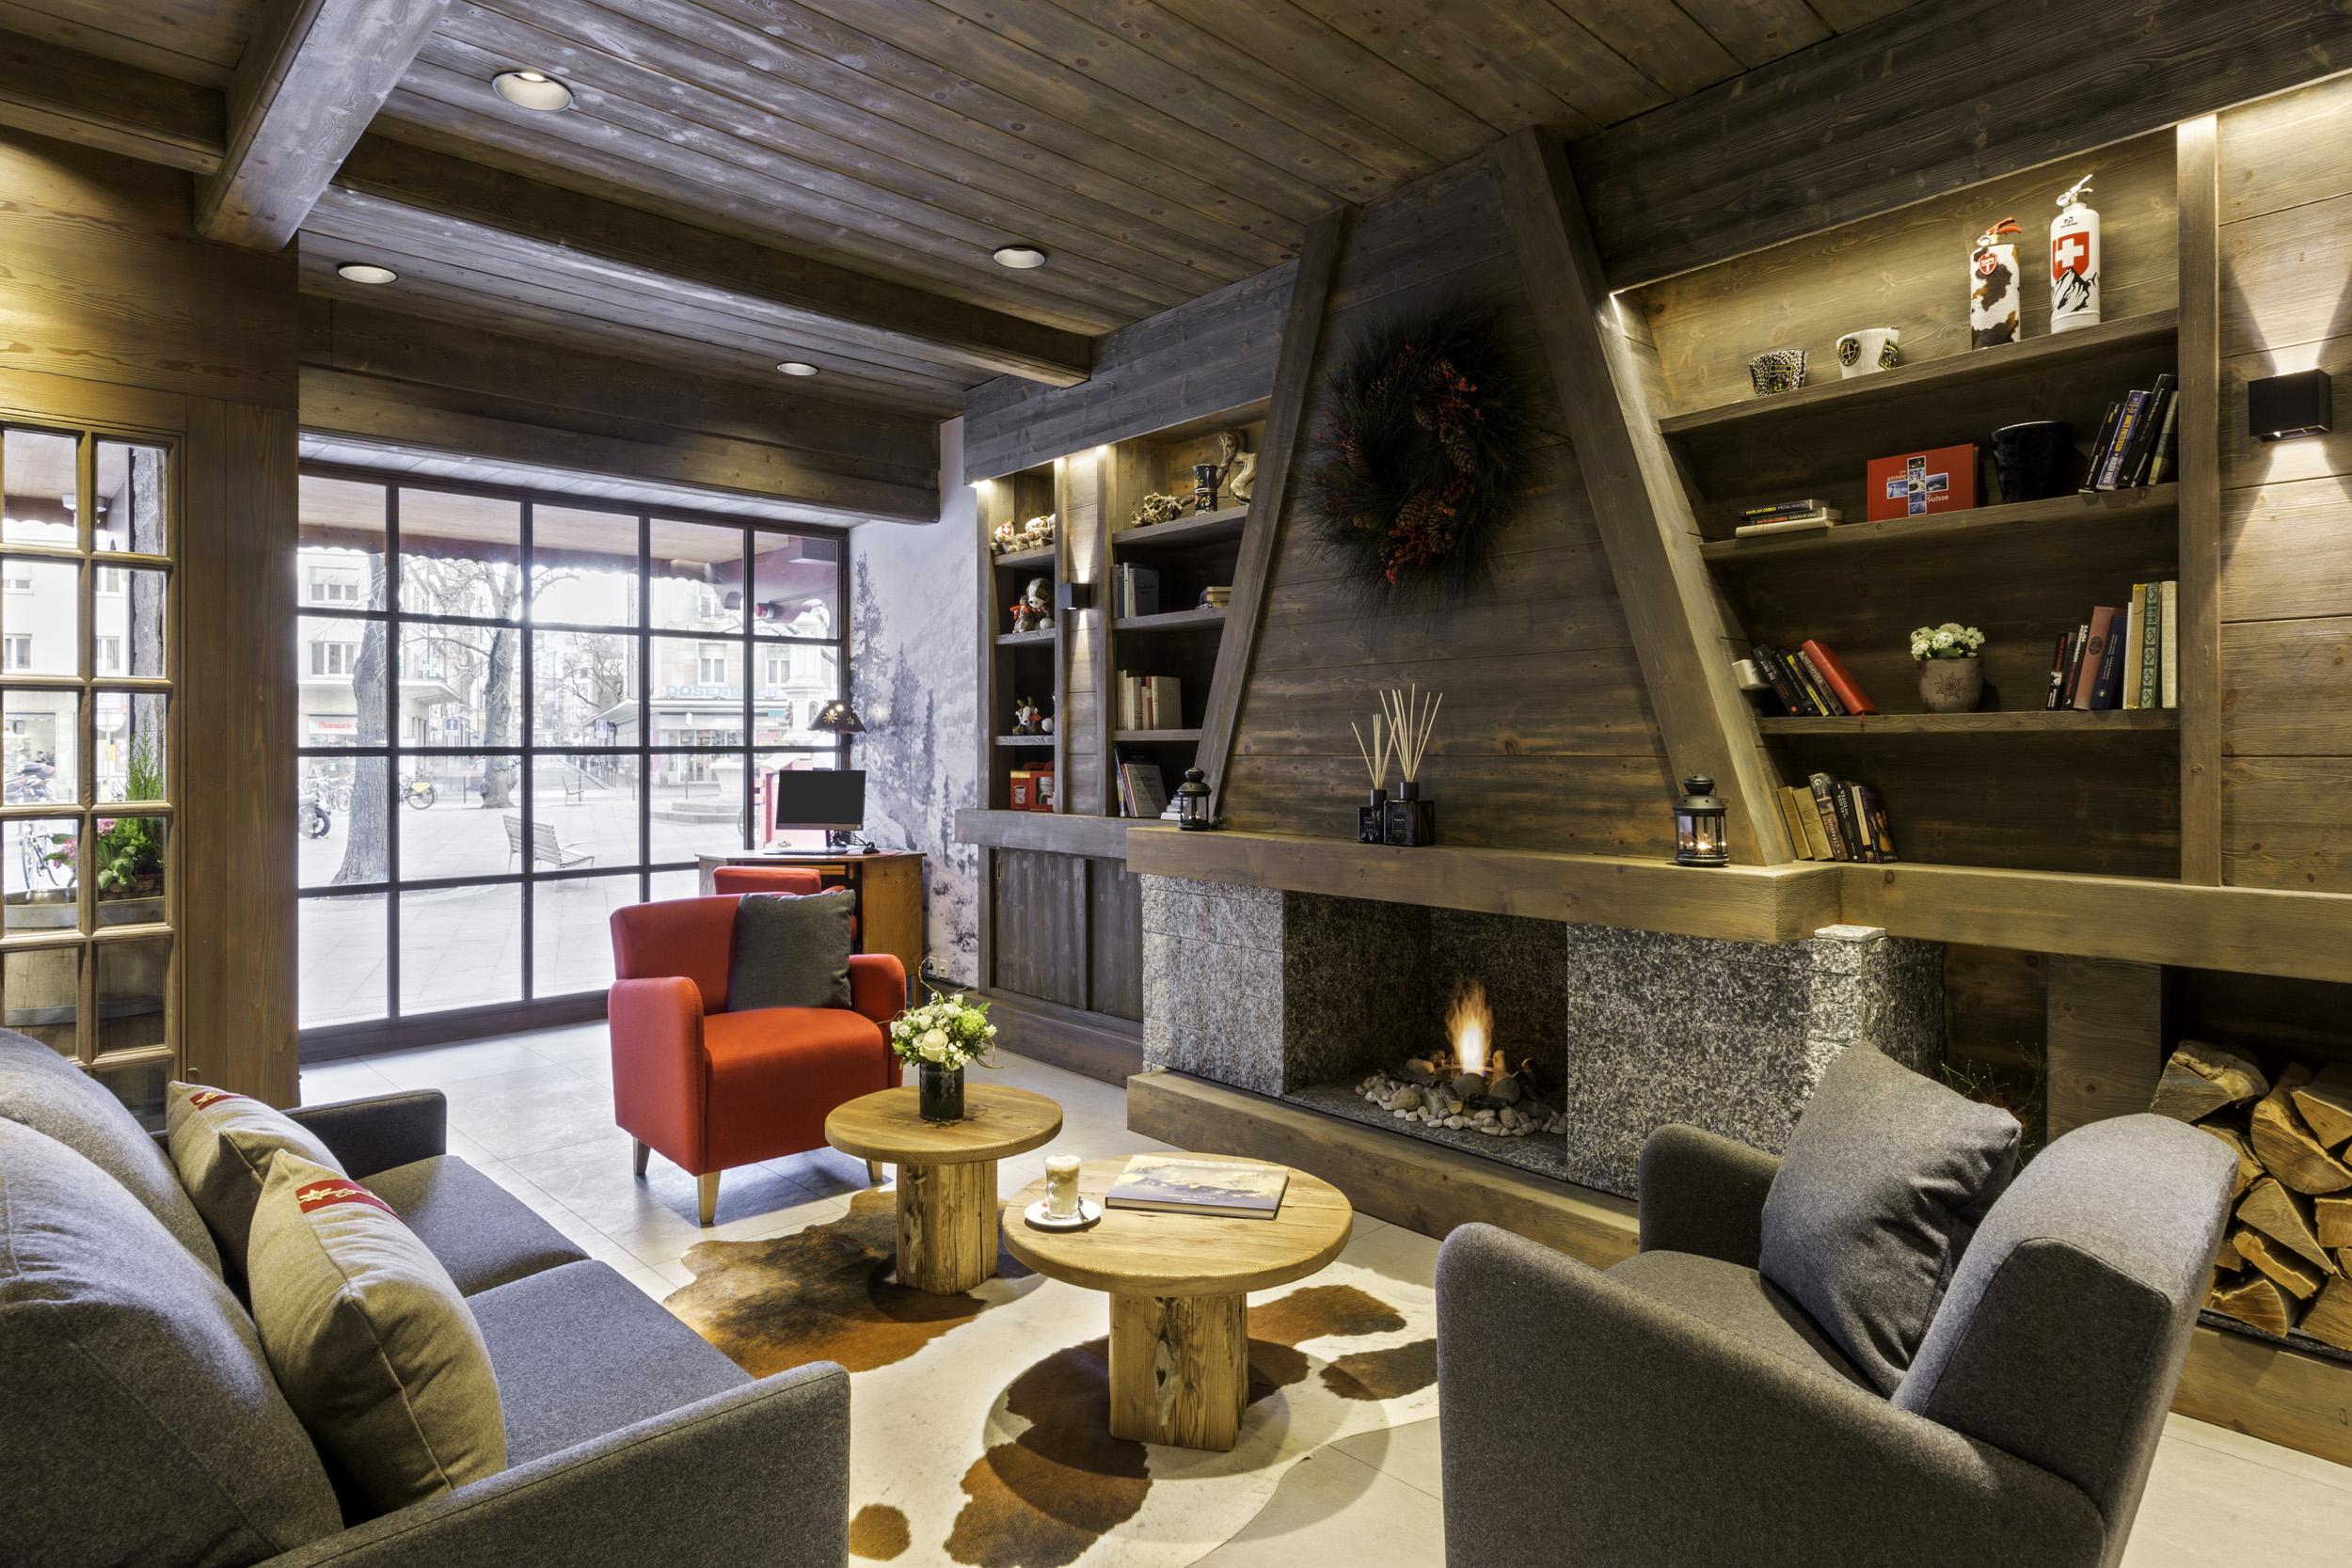 Literie De Luxe Suisse hôtel 3 étoiles à genève - hôtel edelweiss   manotel